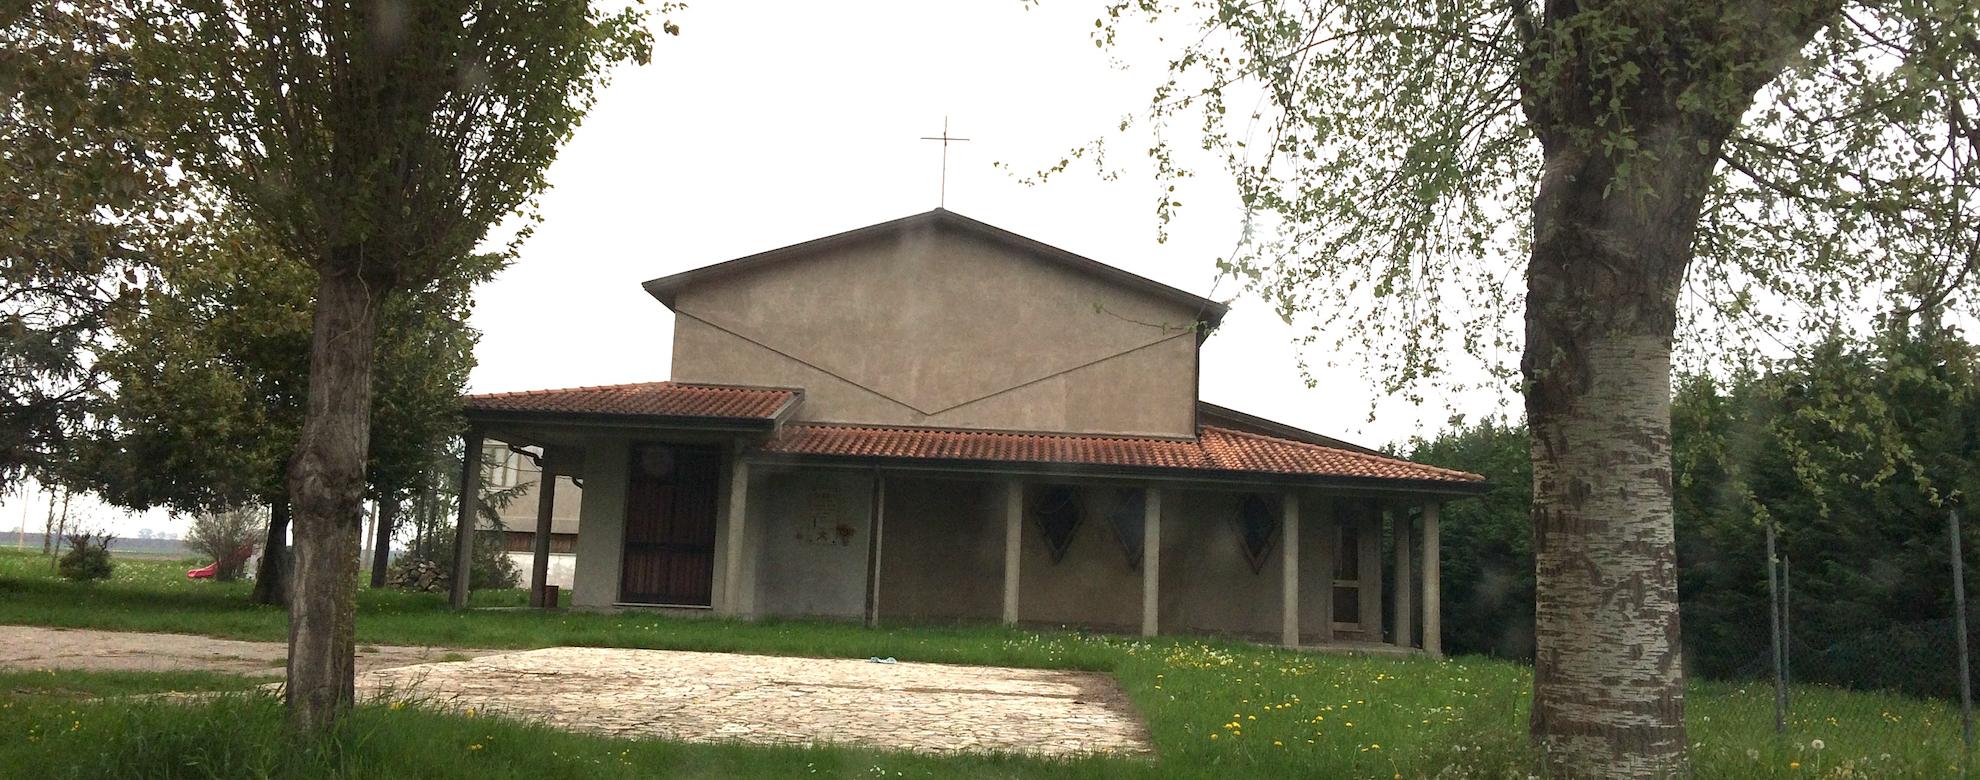 Parrocchia Della B.V. Maria di Lourdes